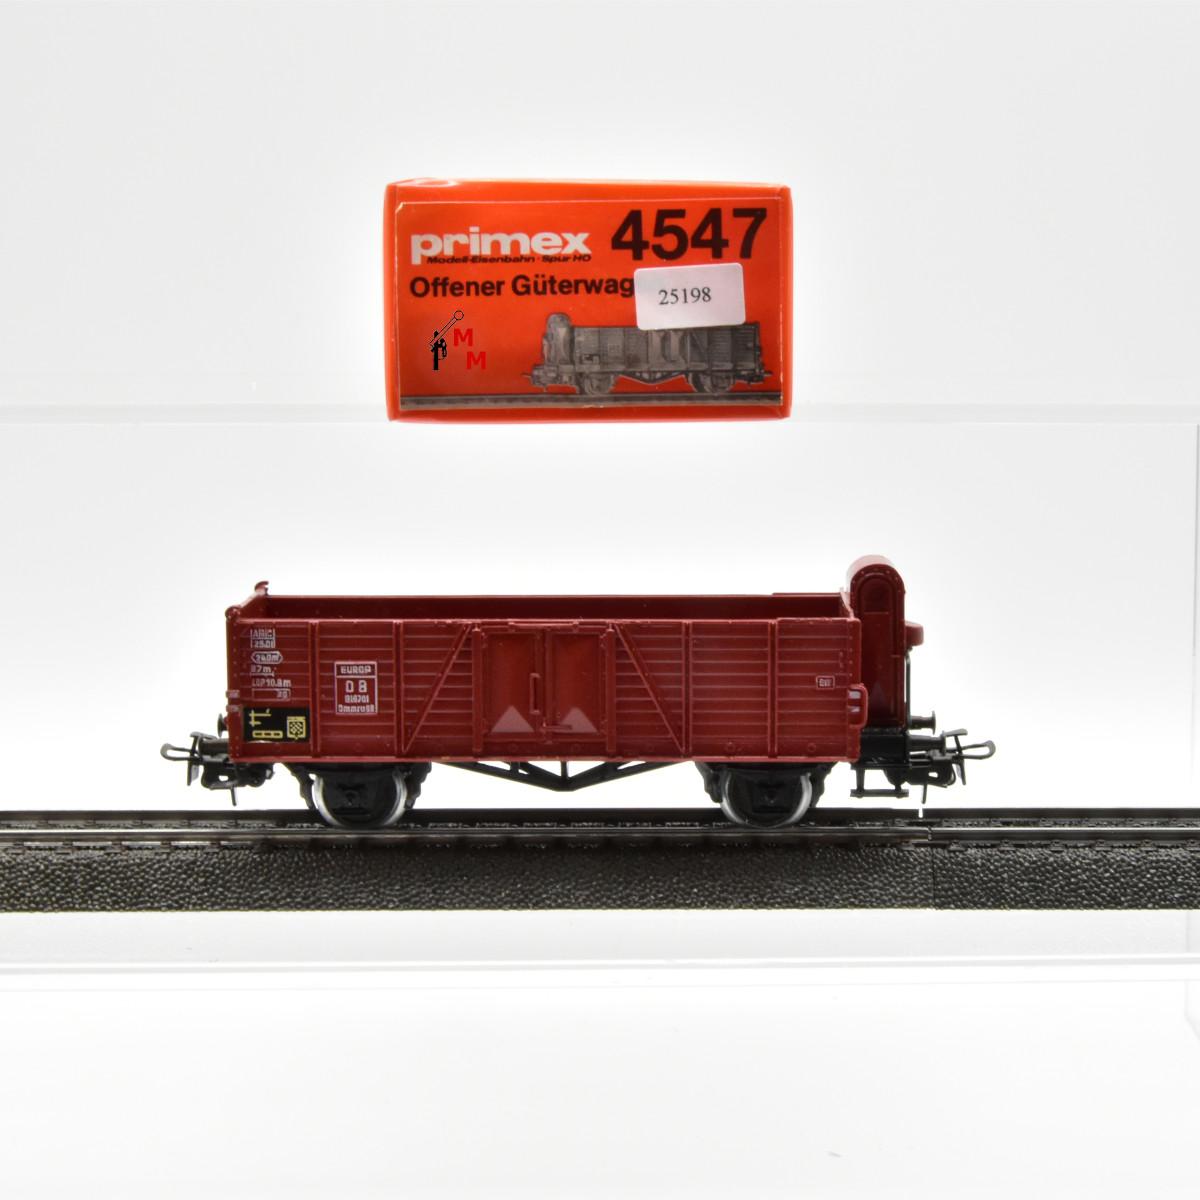 Primex 4547.1 Offener Güterwagen mit BH der DB, (25198)